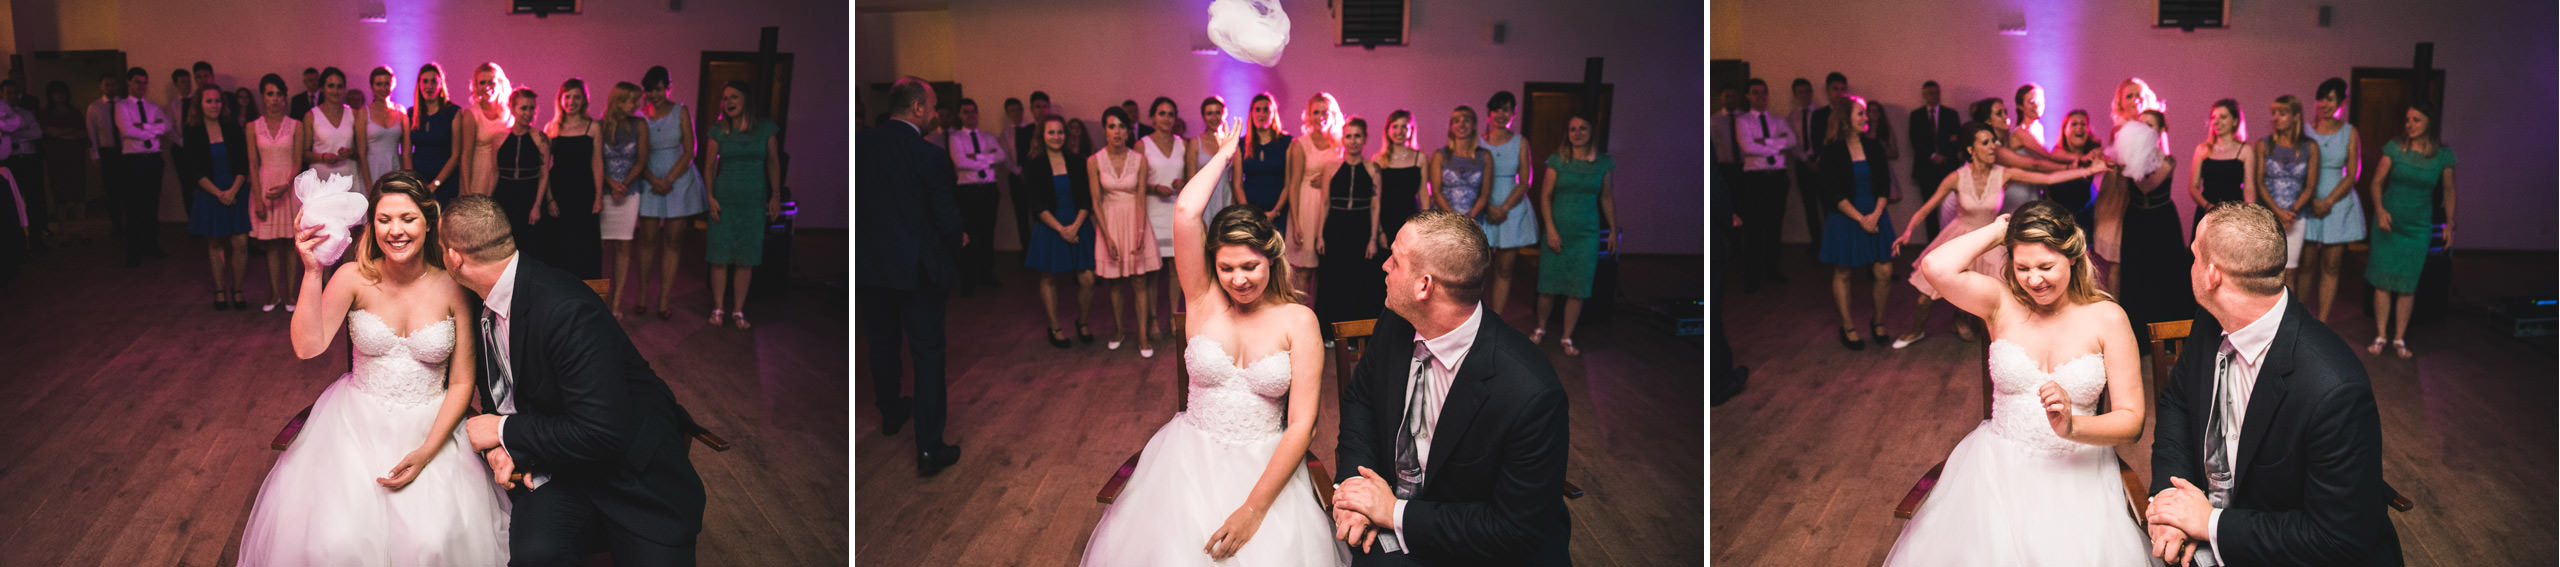 fotograf slubny warszawa 071 rzut welonem zacisze anny korcz wesele